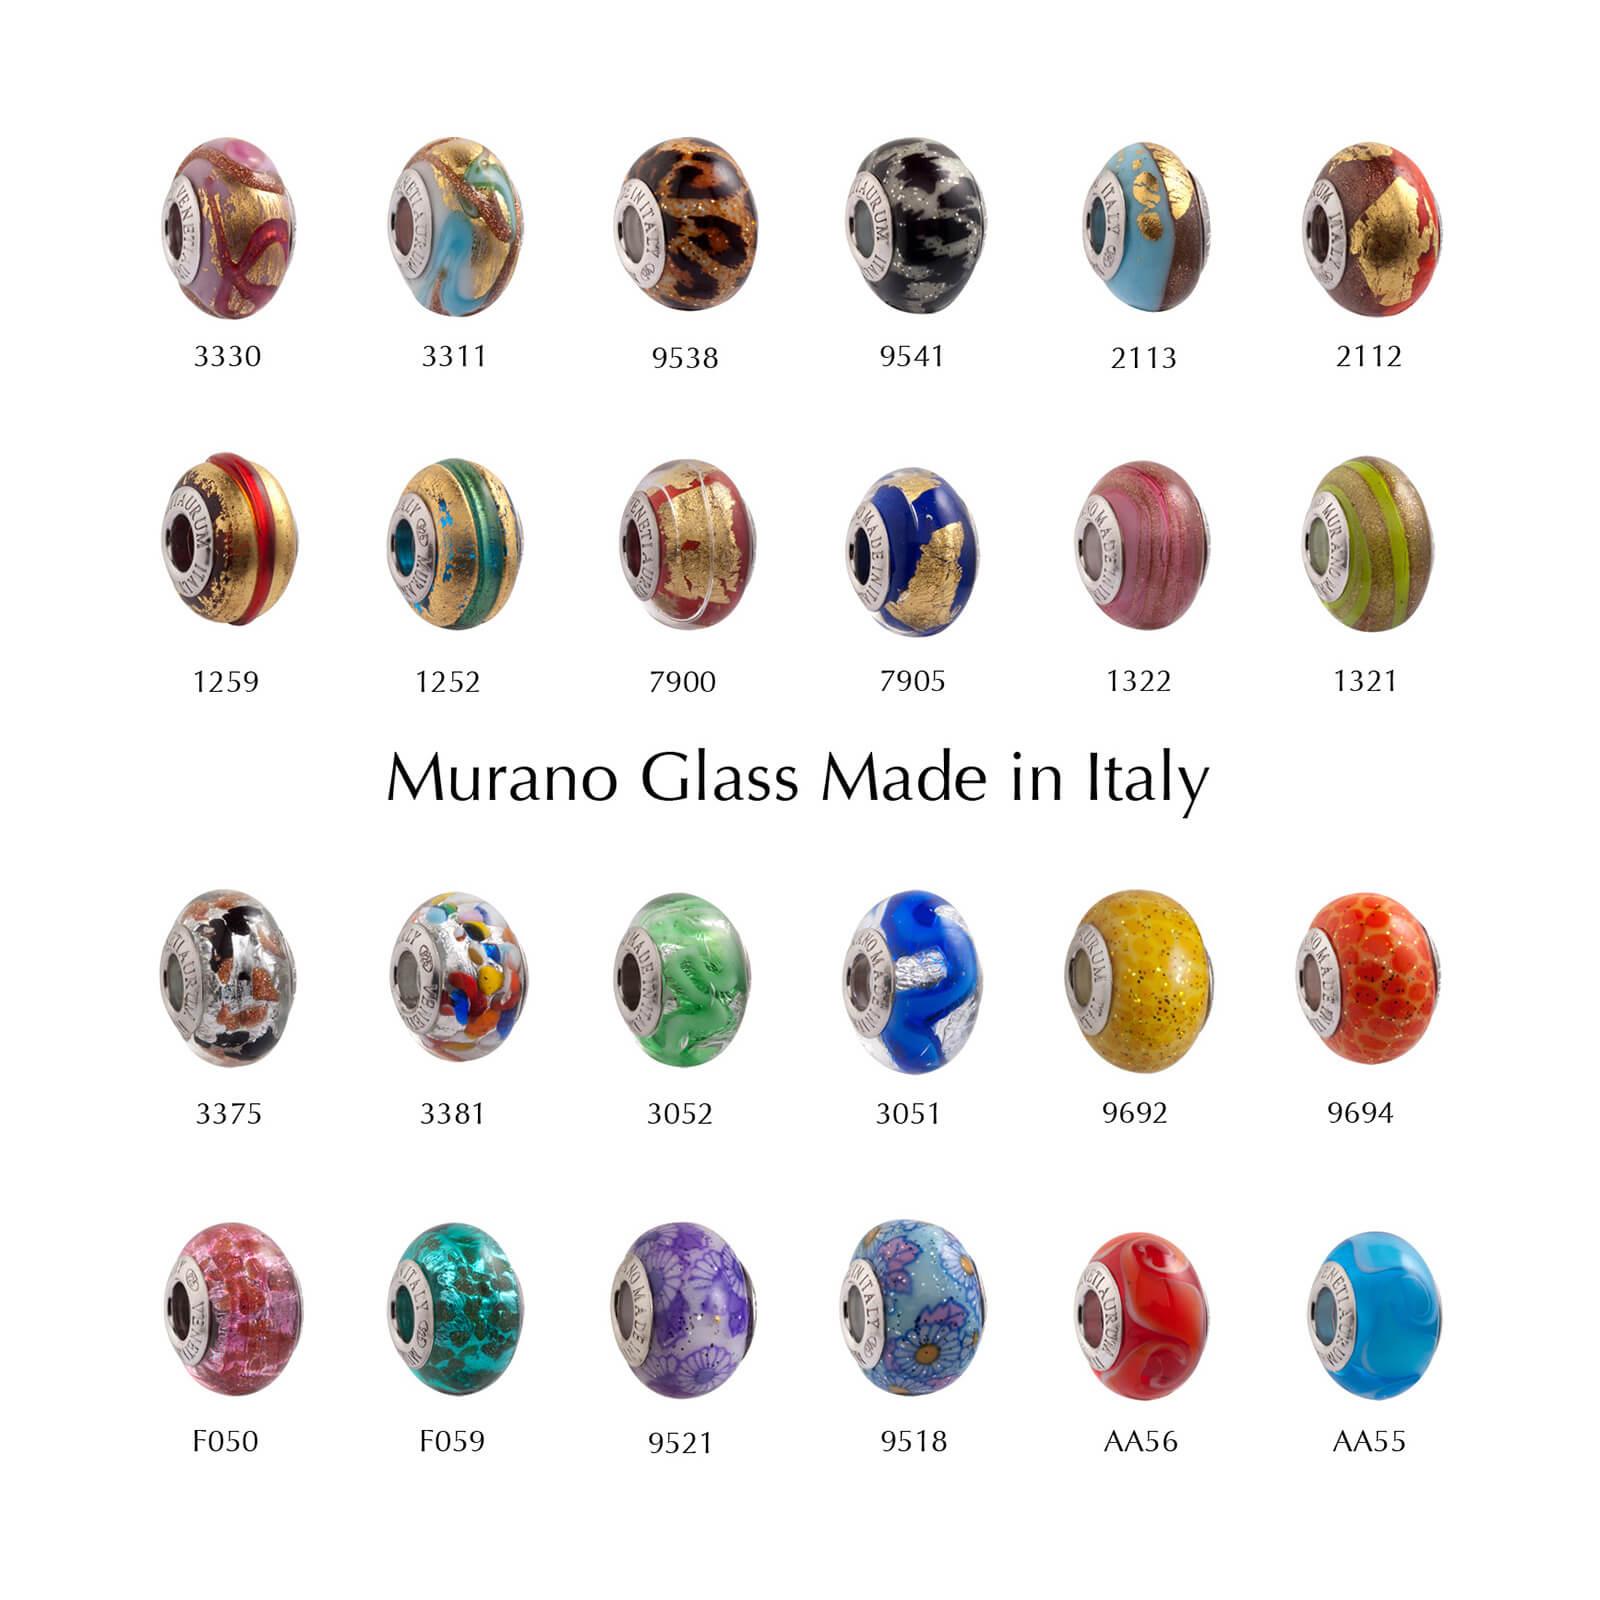 Gioielli Venetiaurum fatti a mano a Murano